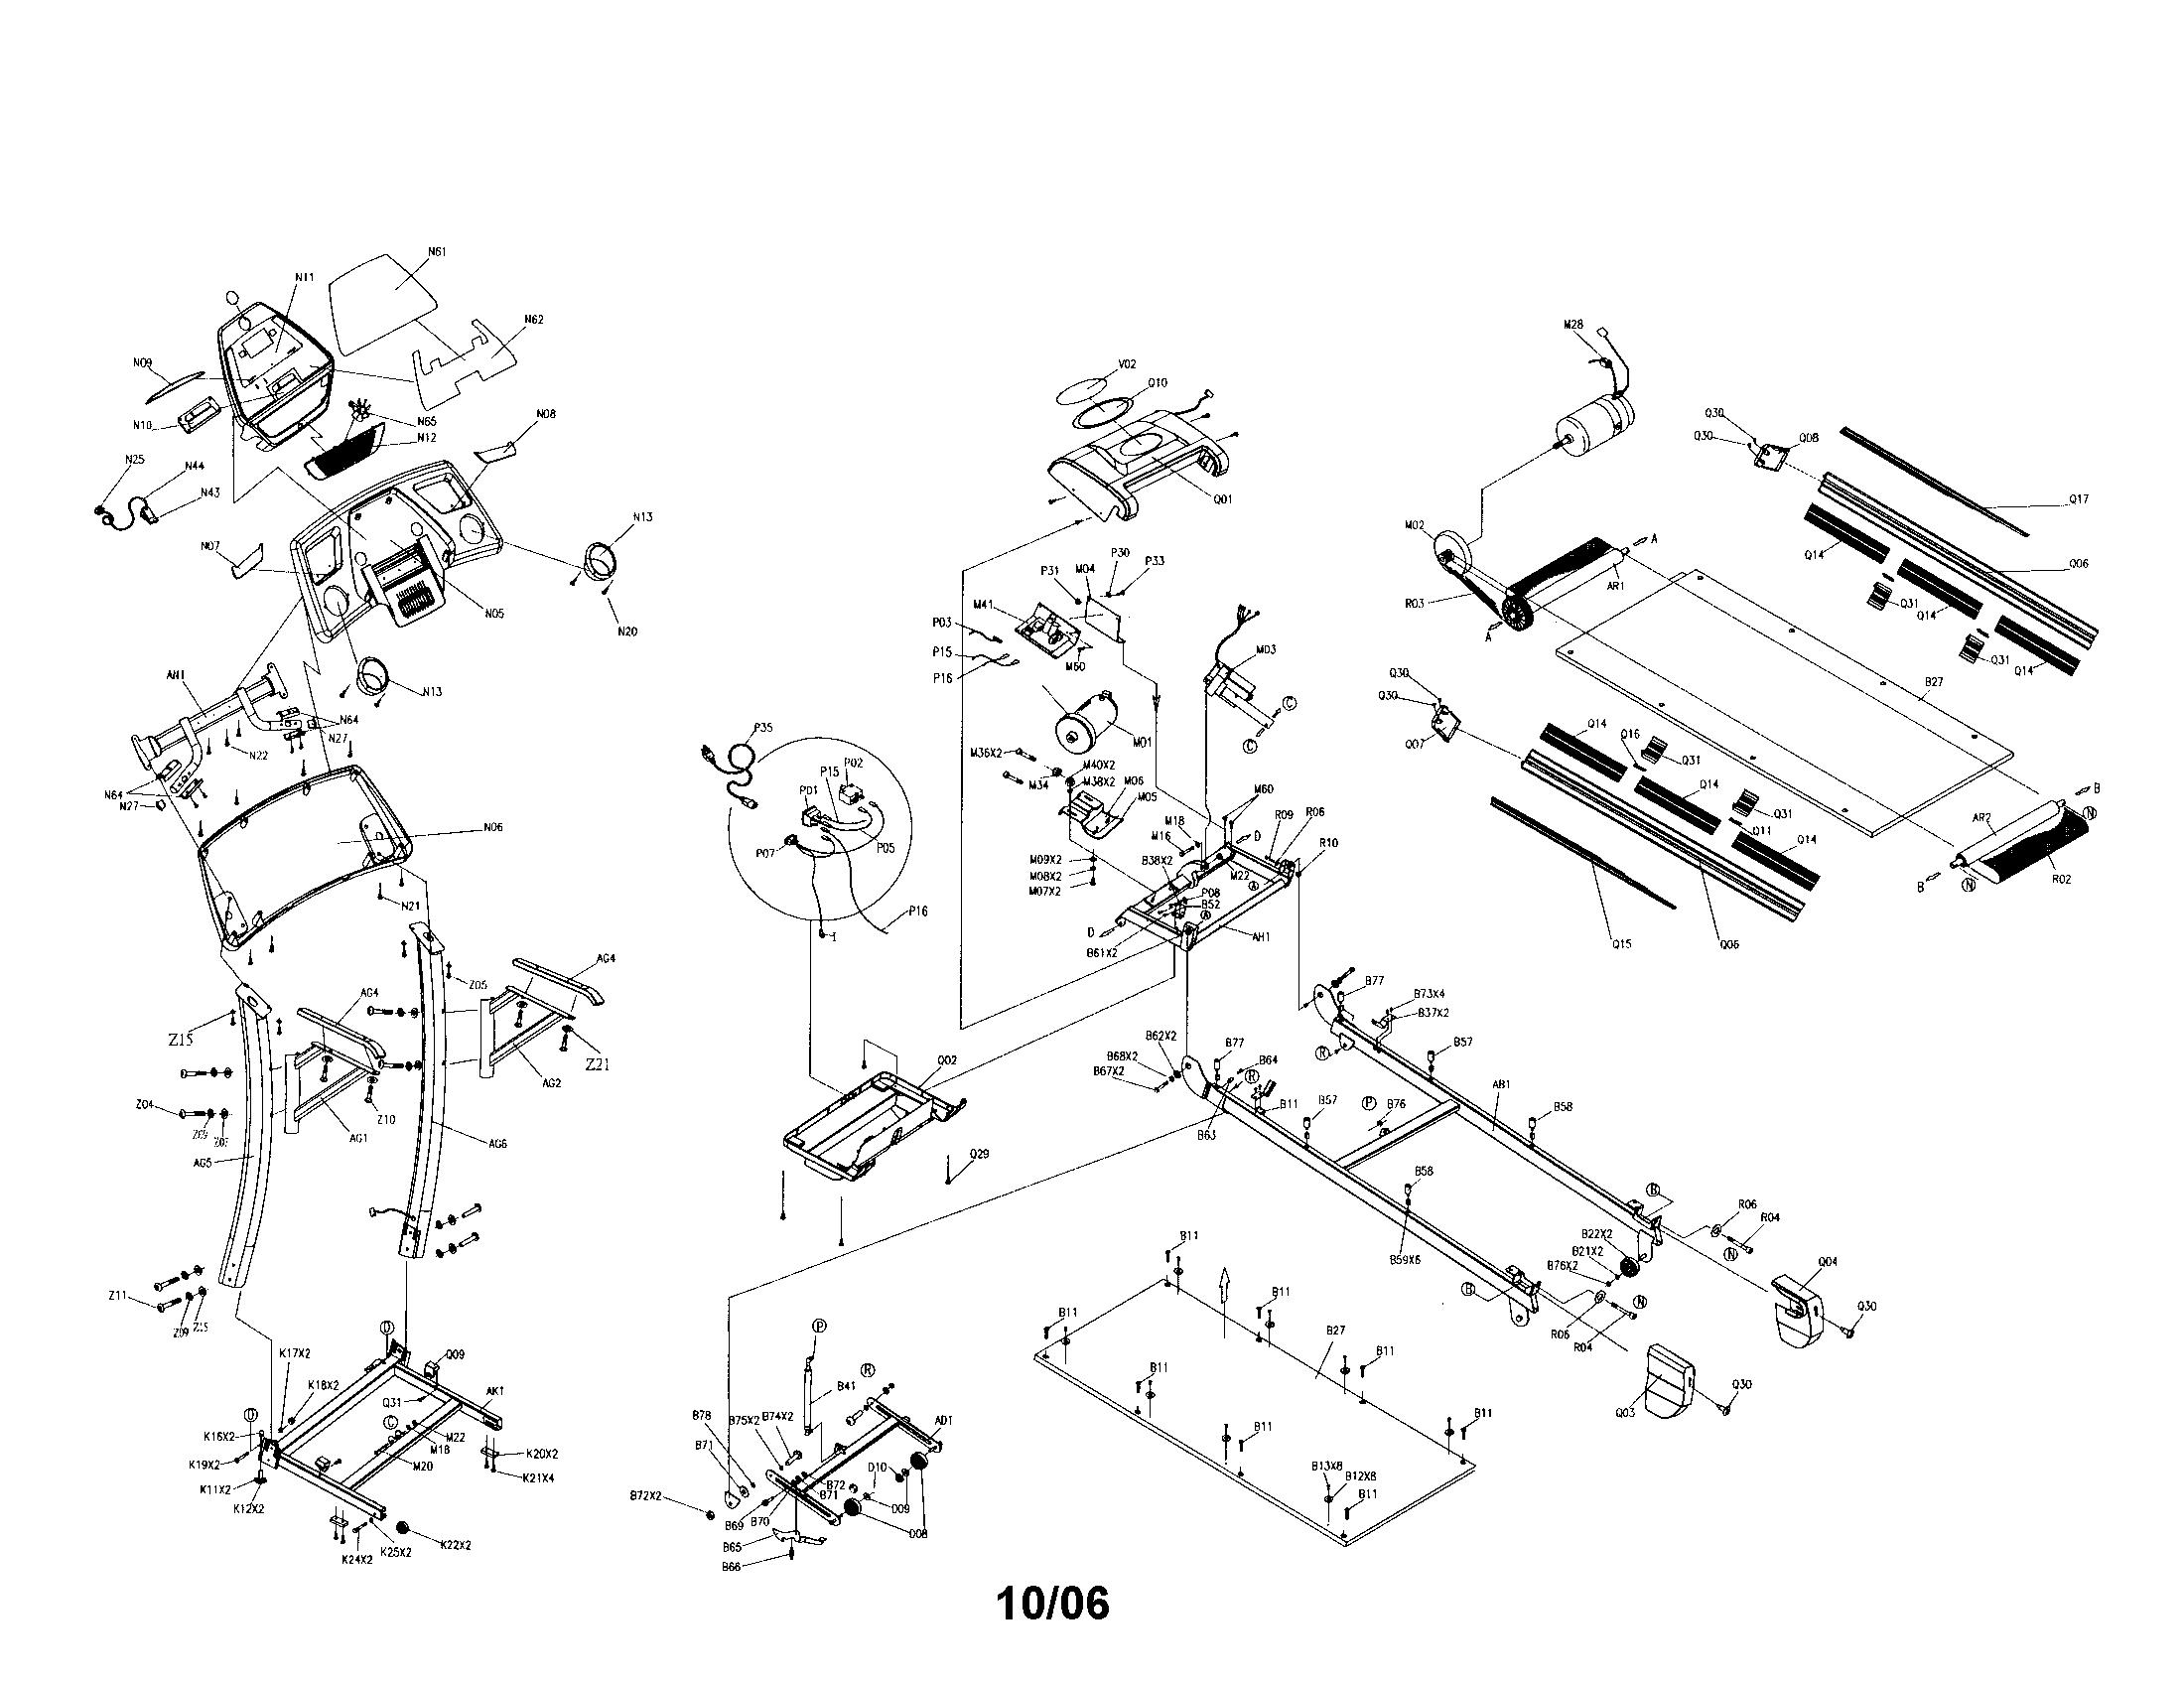 Wiring Diagram For Treadmill Motor